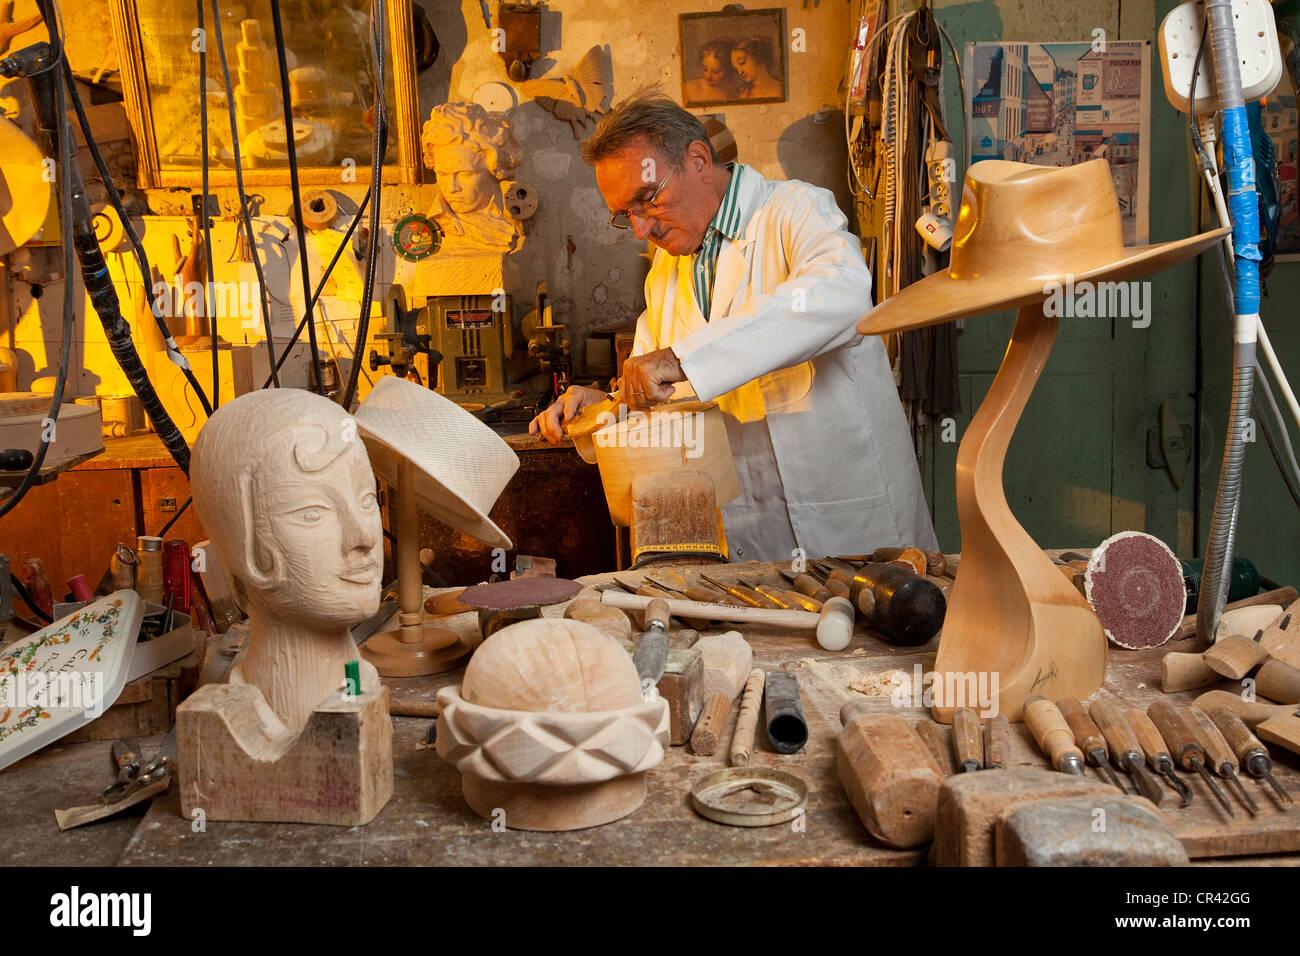 France, Paris, La Forme Workshop, Lucie Re, handicraft specialized ...